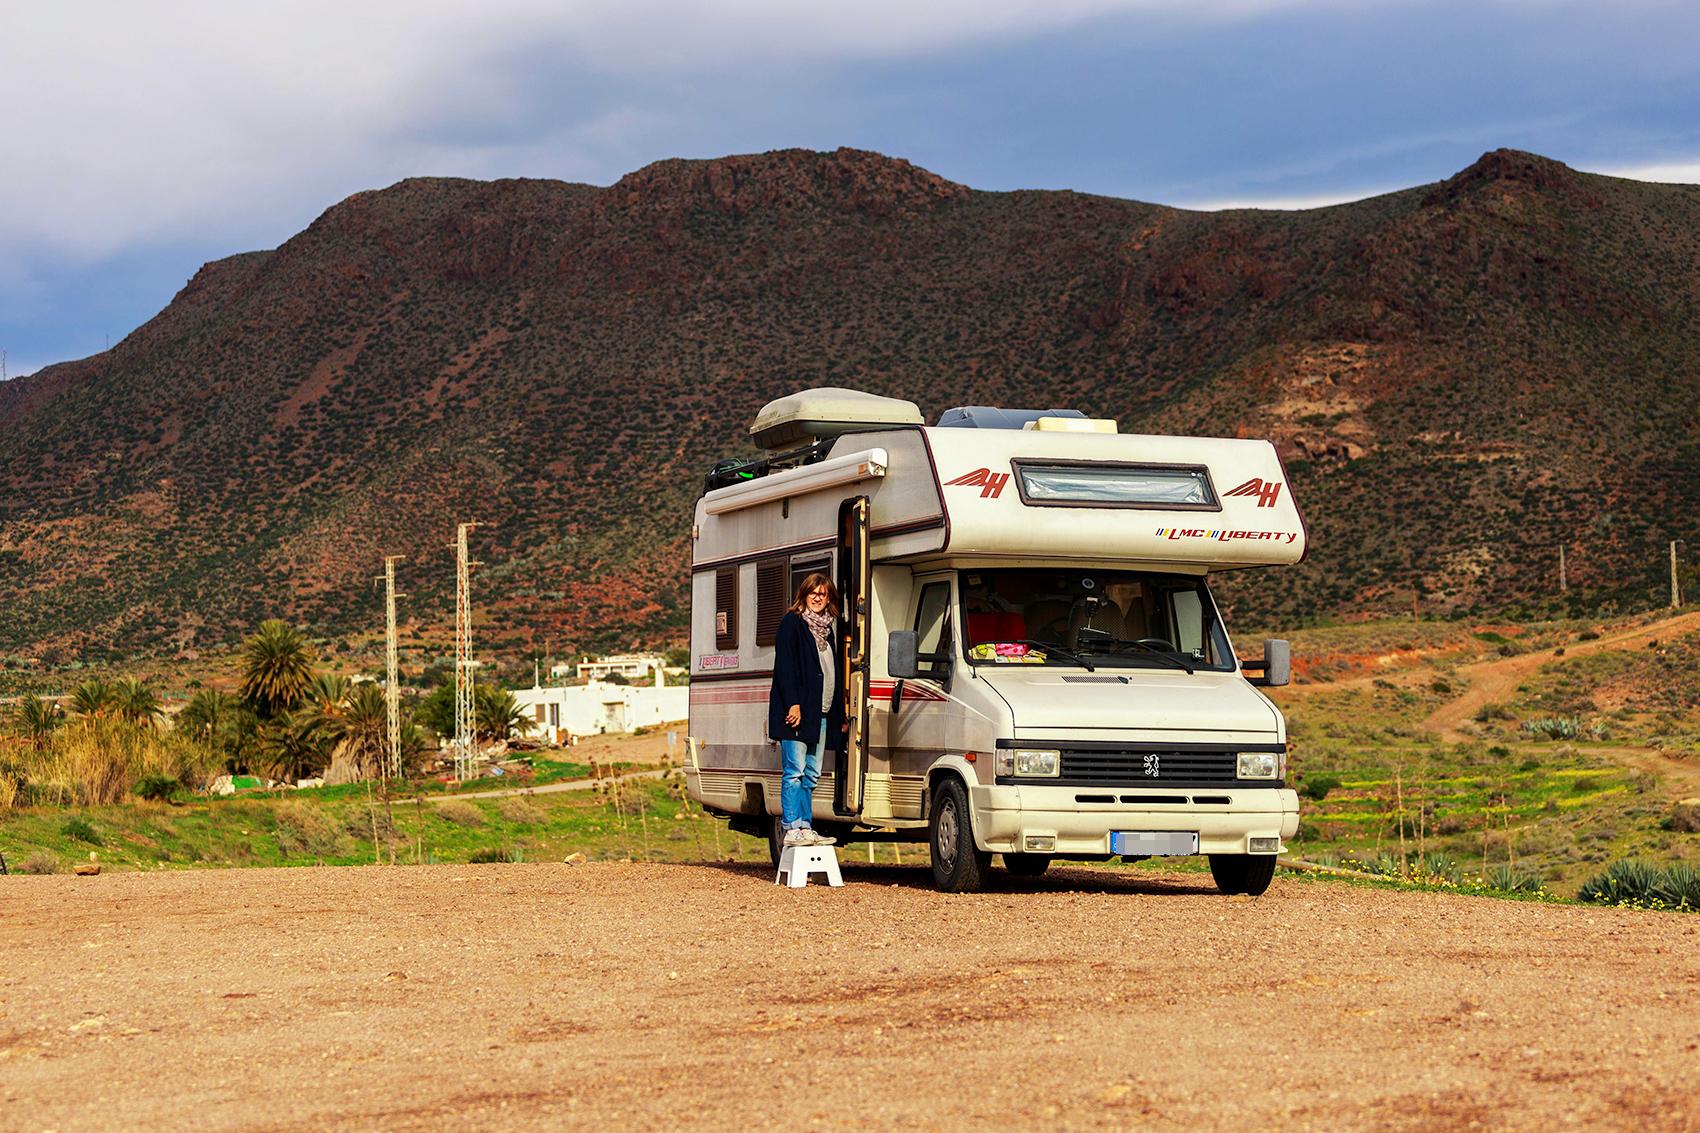 Cabo de Gata – Landschaft, Einsamkeit, Abenteuer